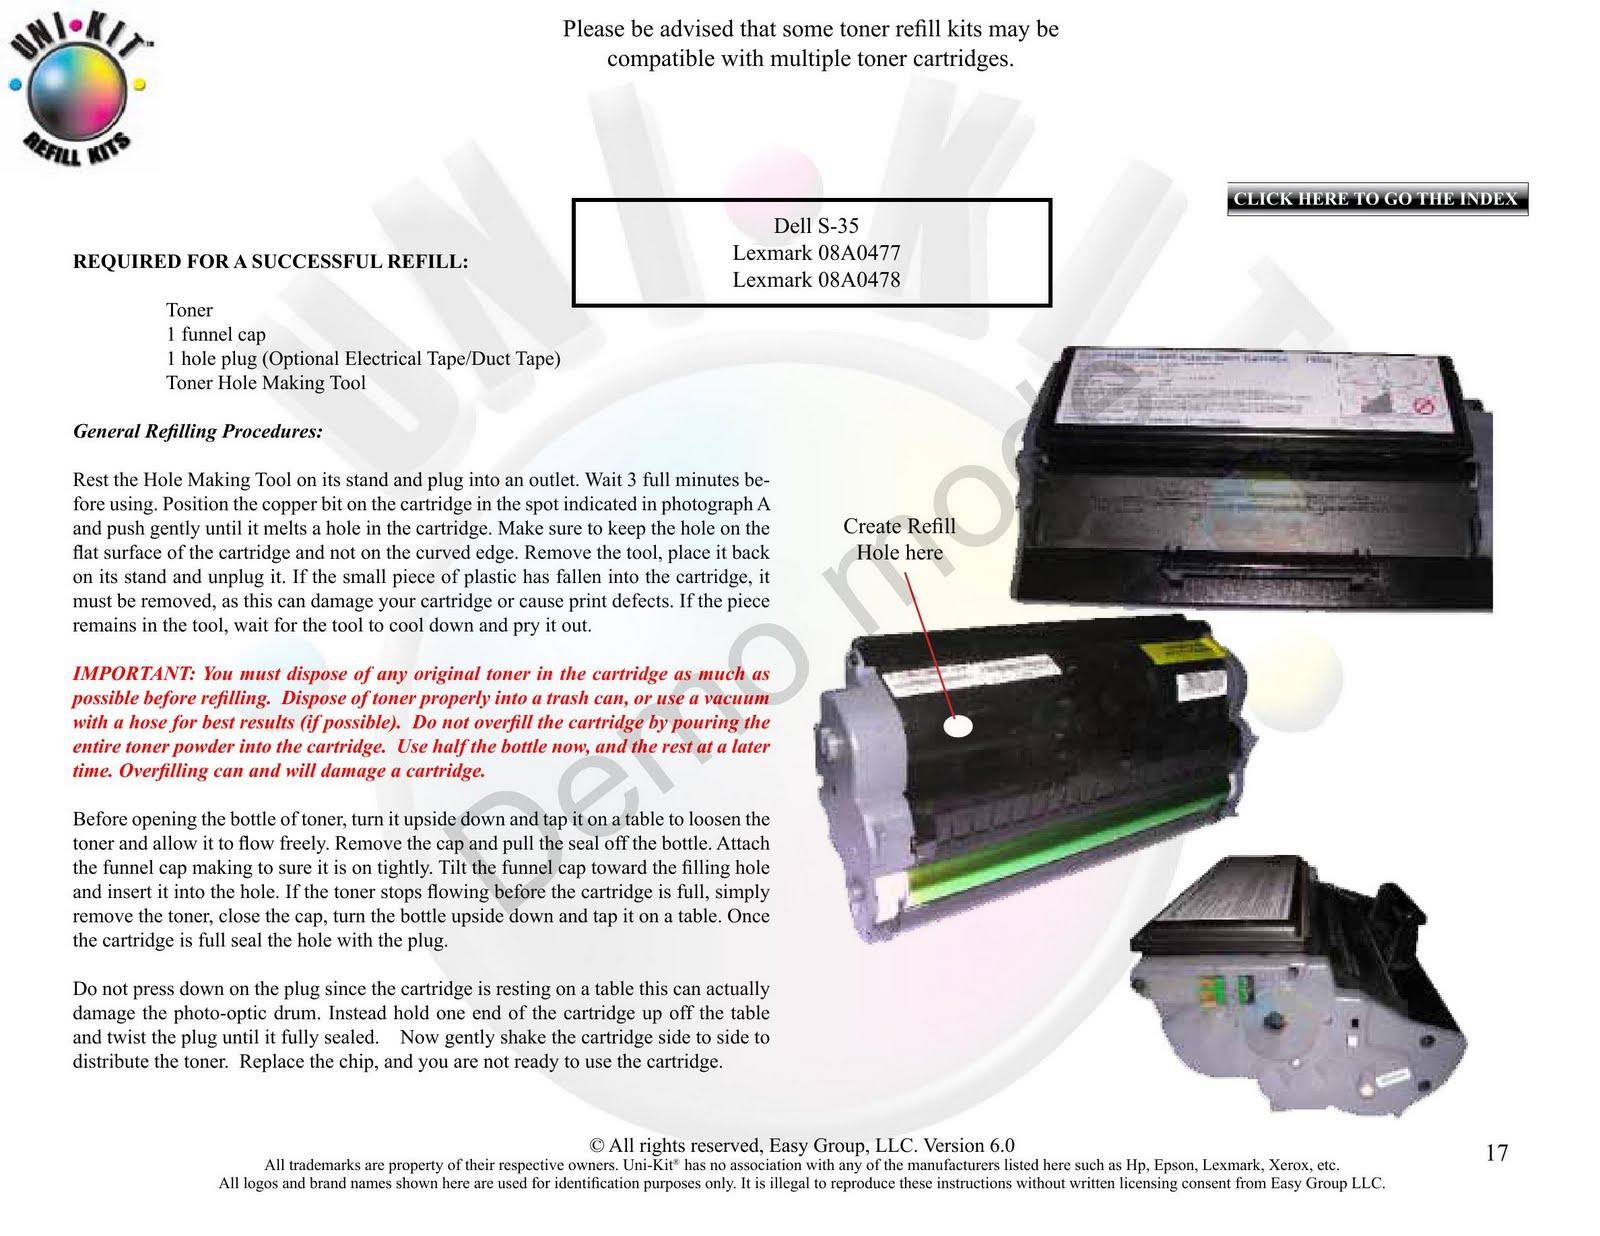 Samsung ml 2010 toner refill instructions